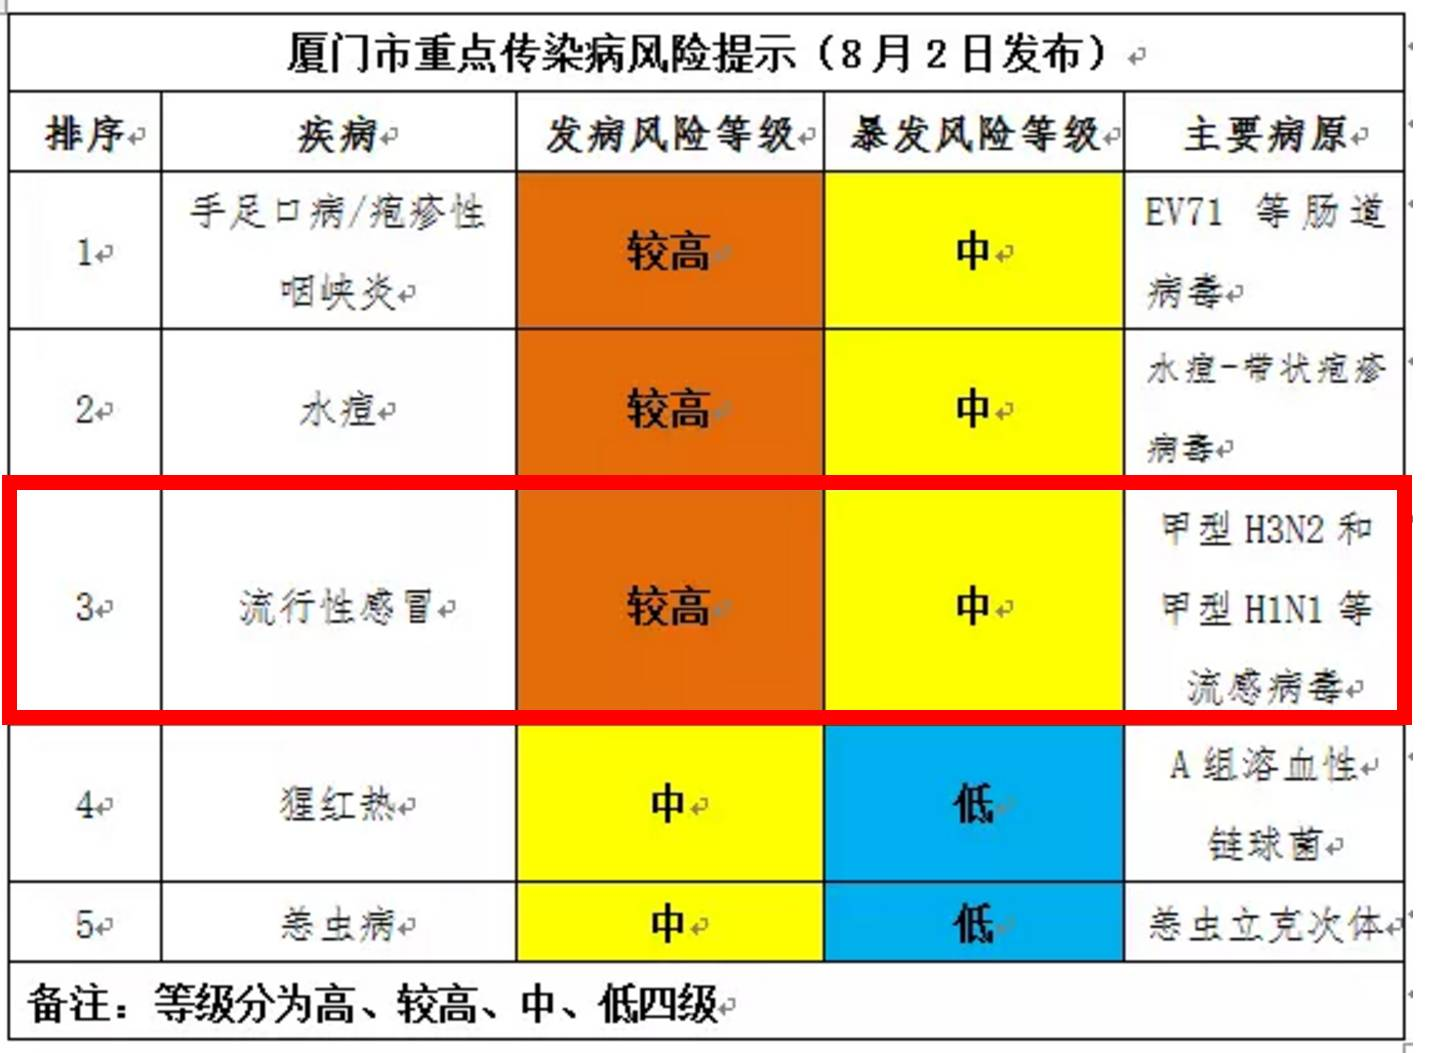 中国人口数量变化图_姓夏的人口数量